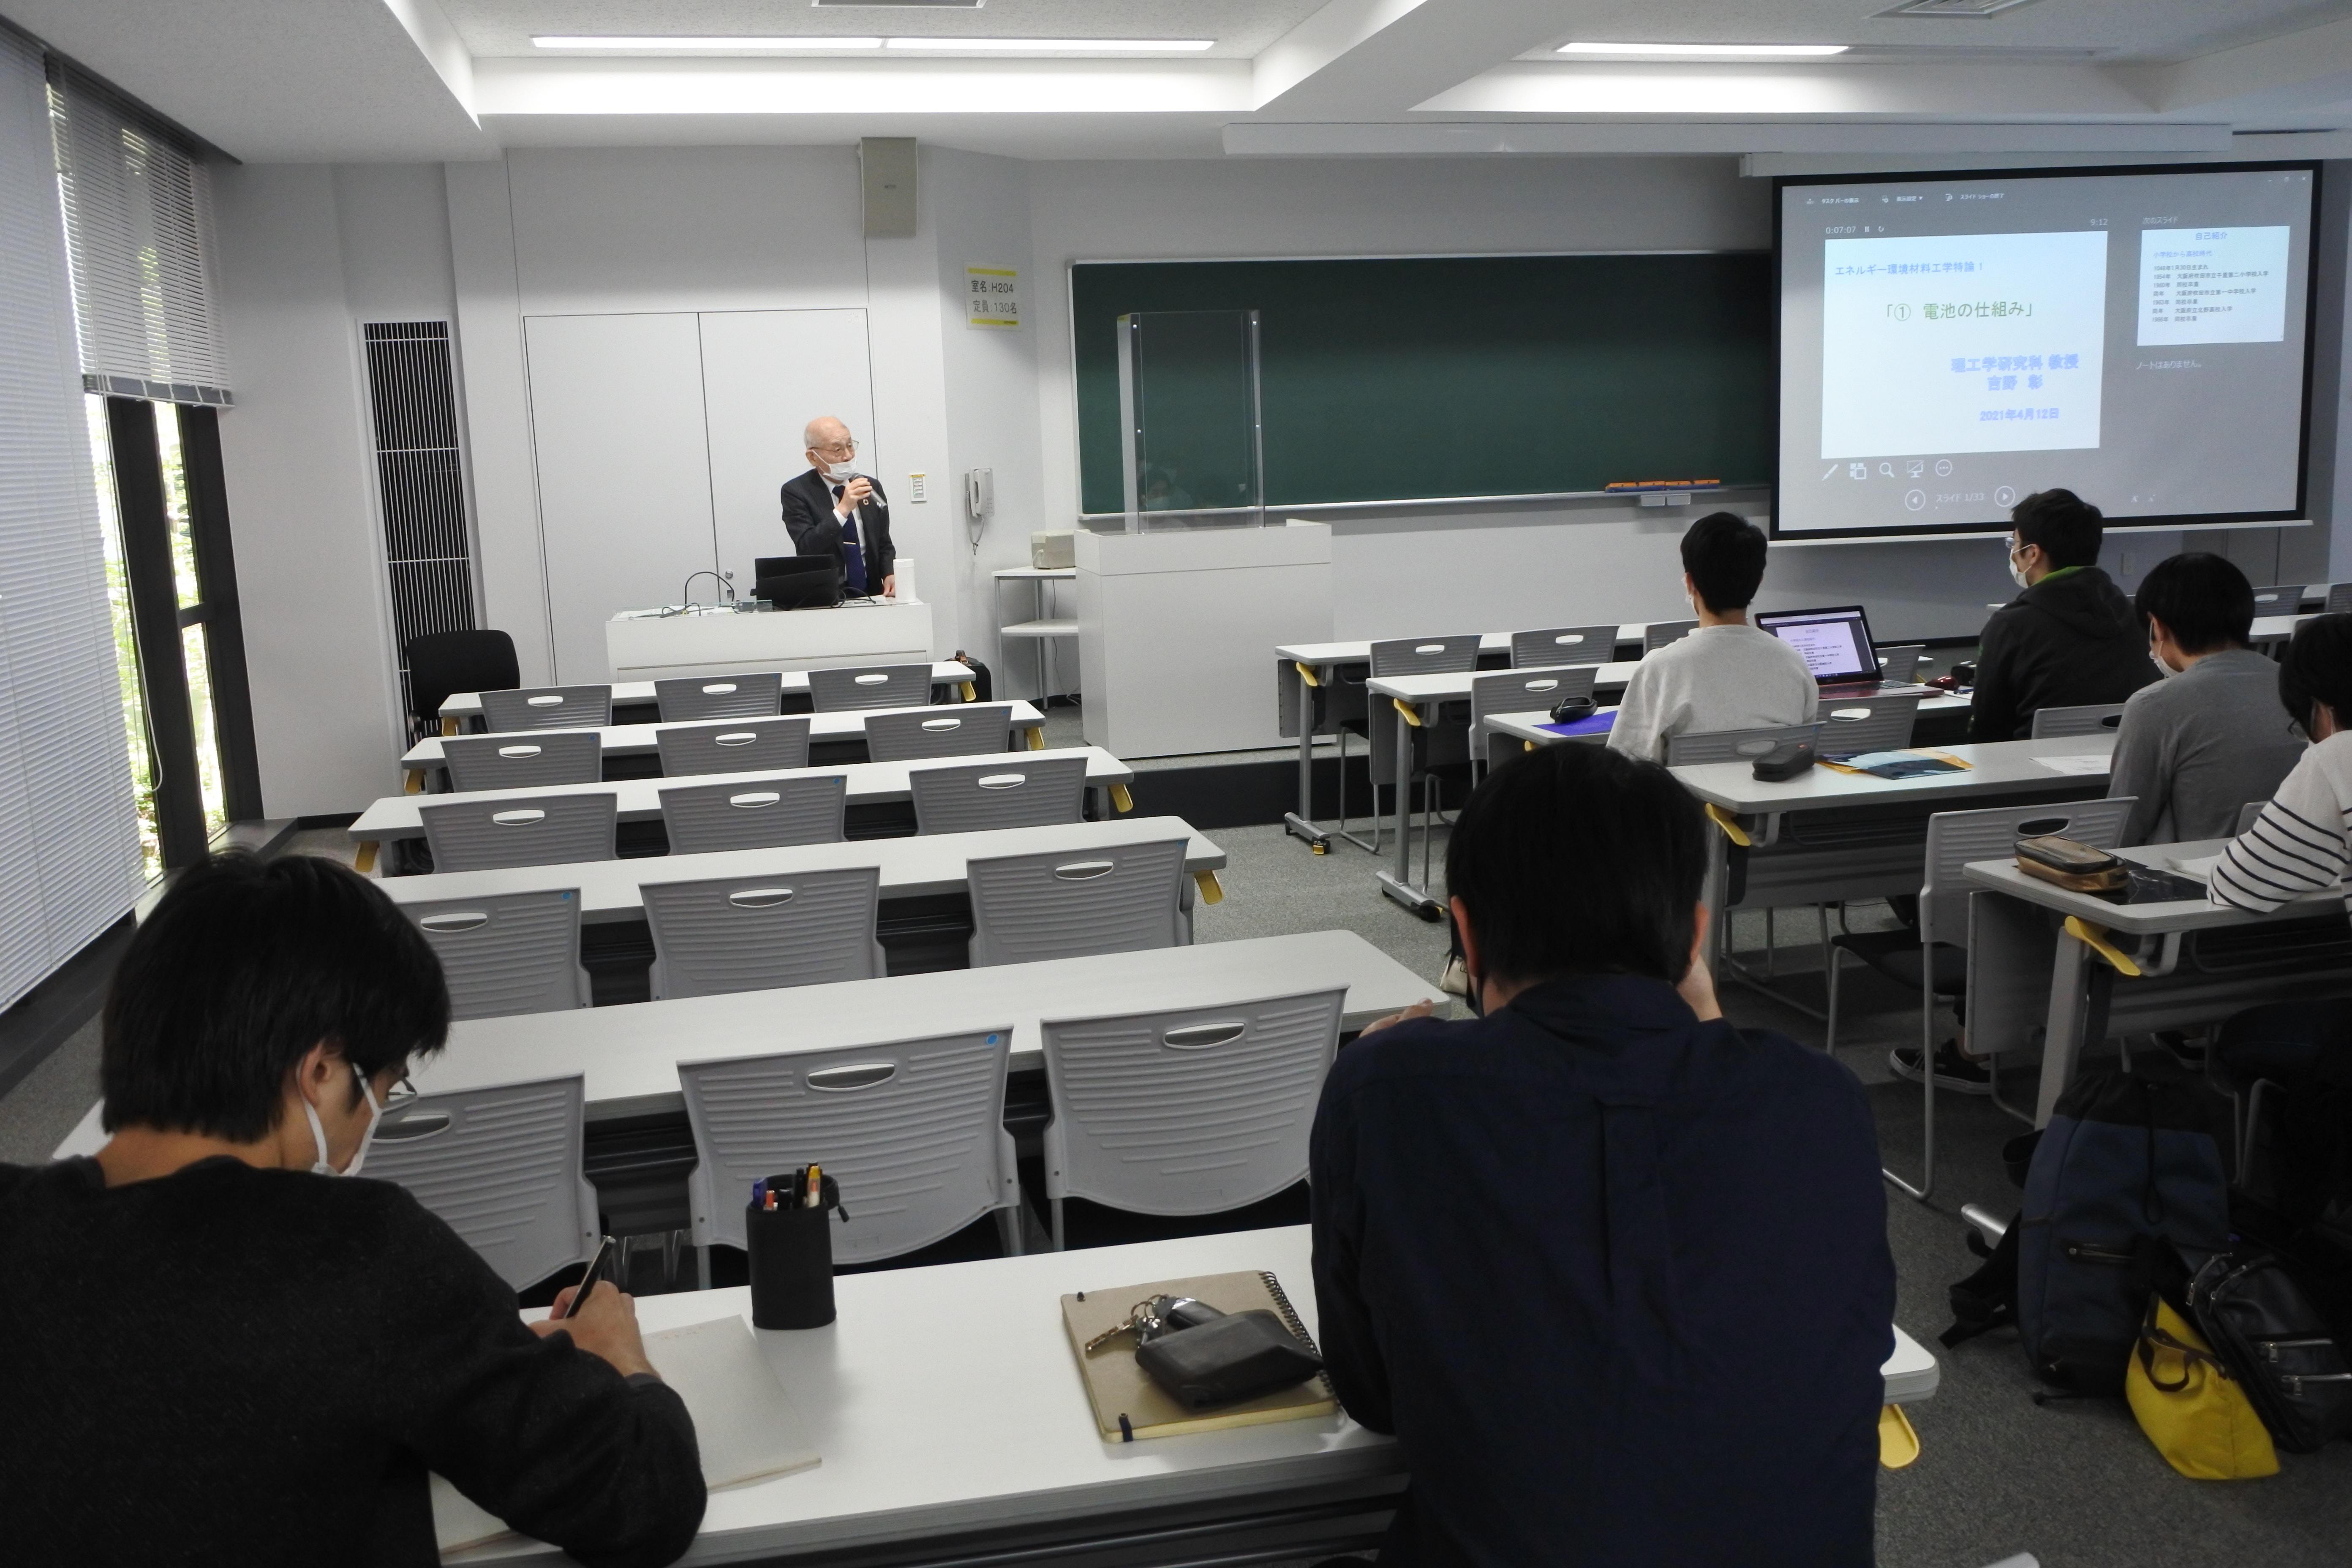 大学院生に「エネルギー環境材料工学特論Ⅰ」の授業を始める